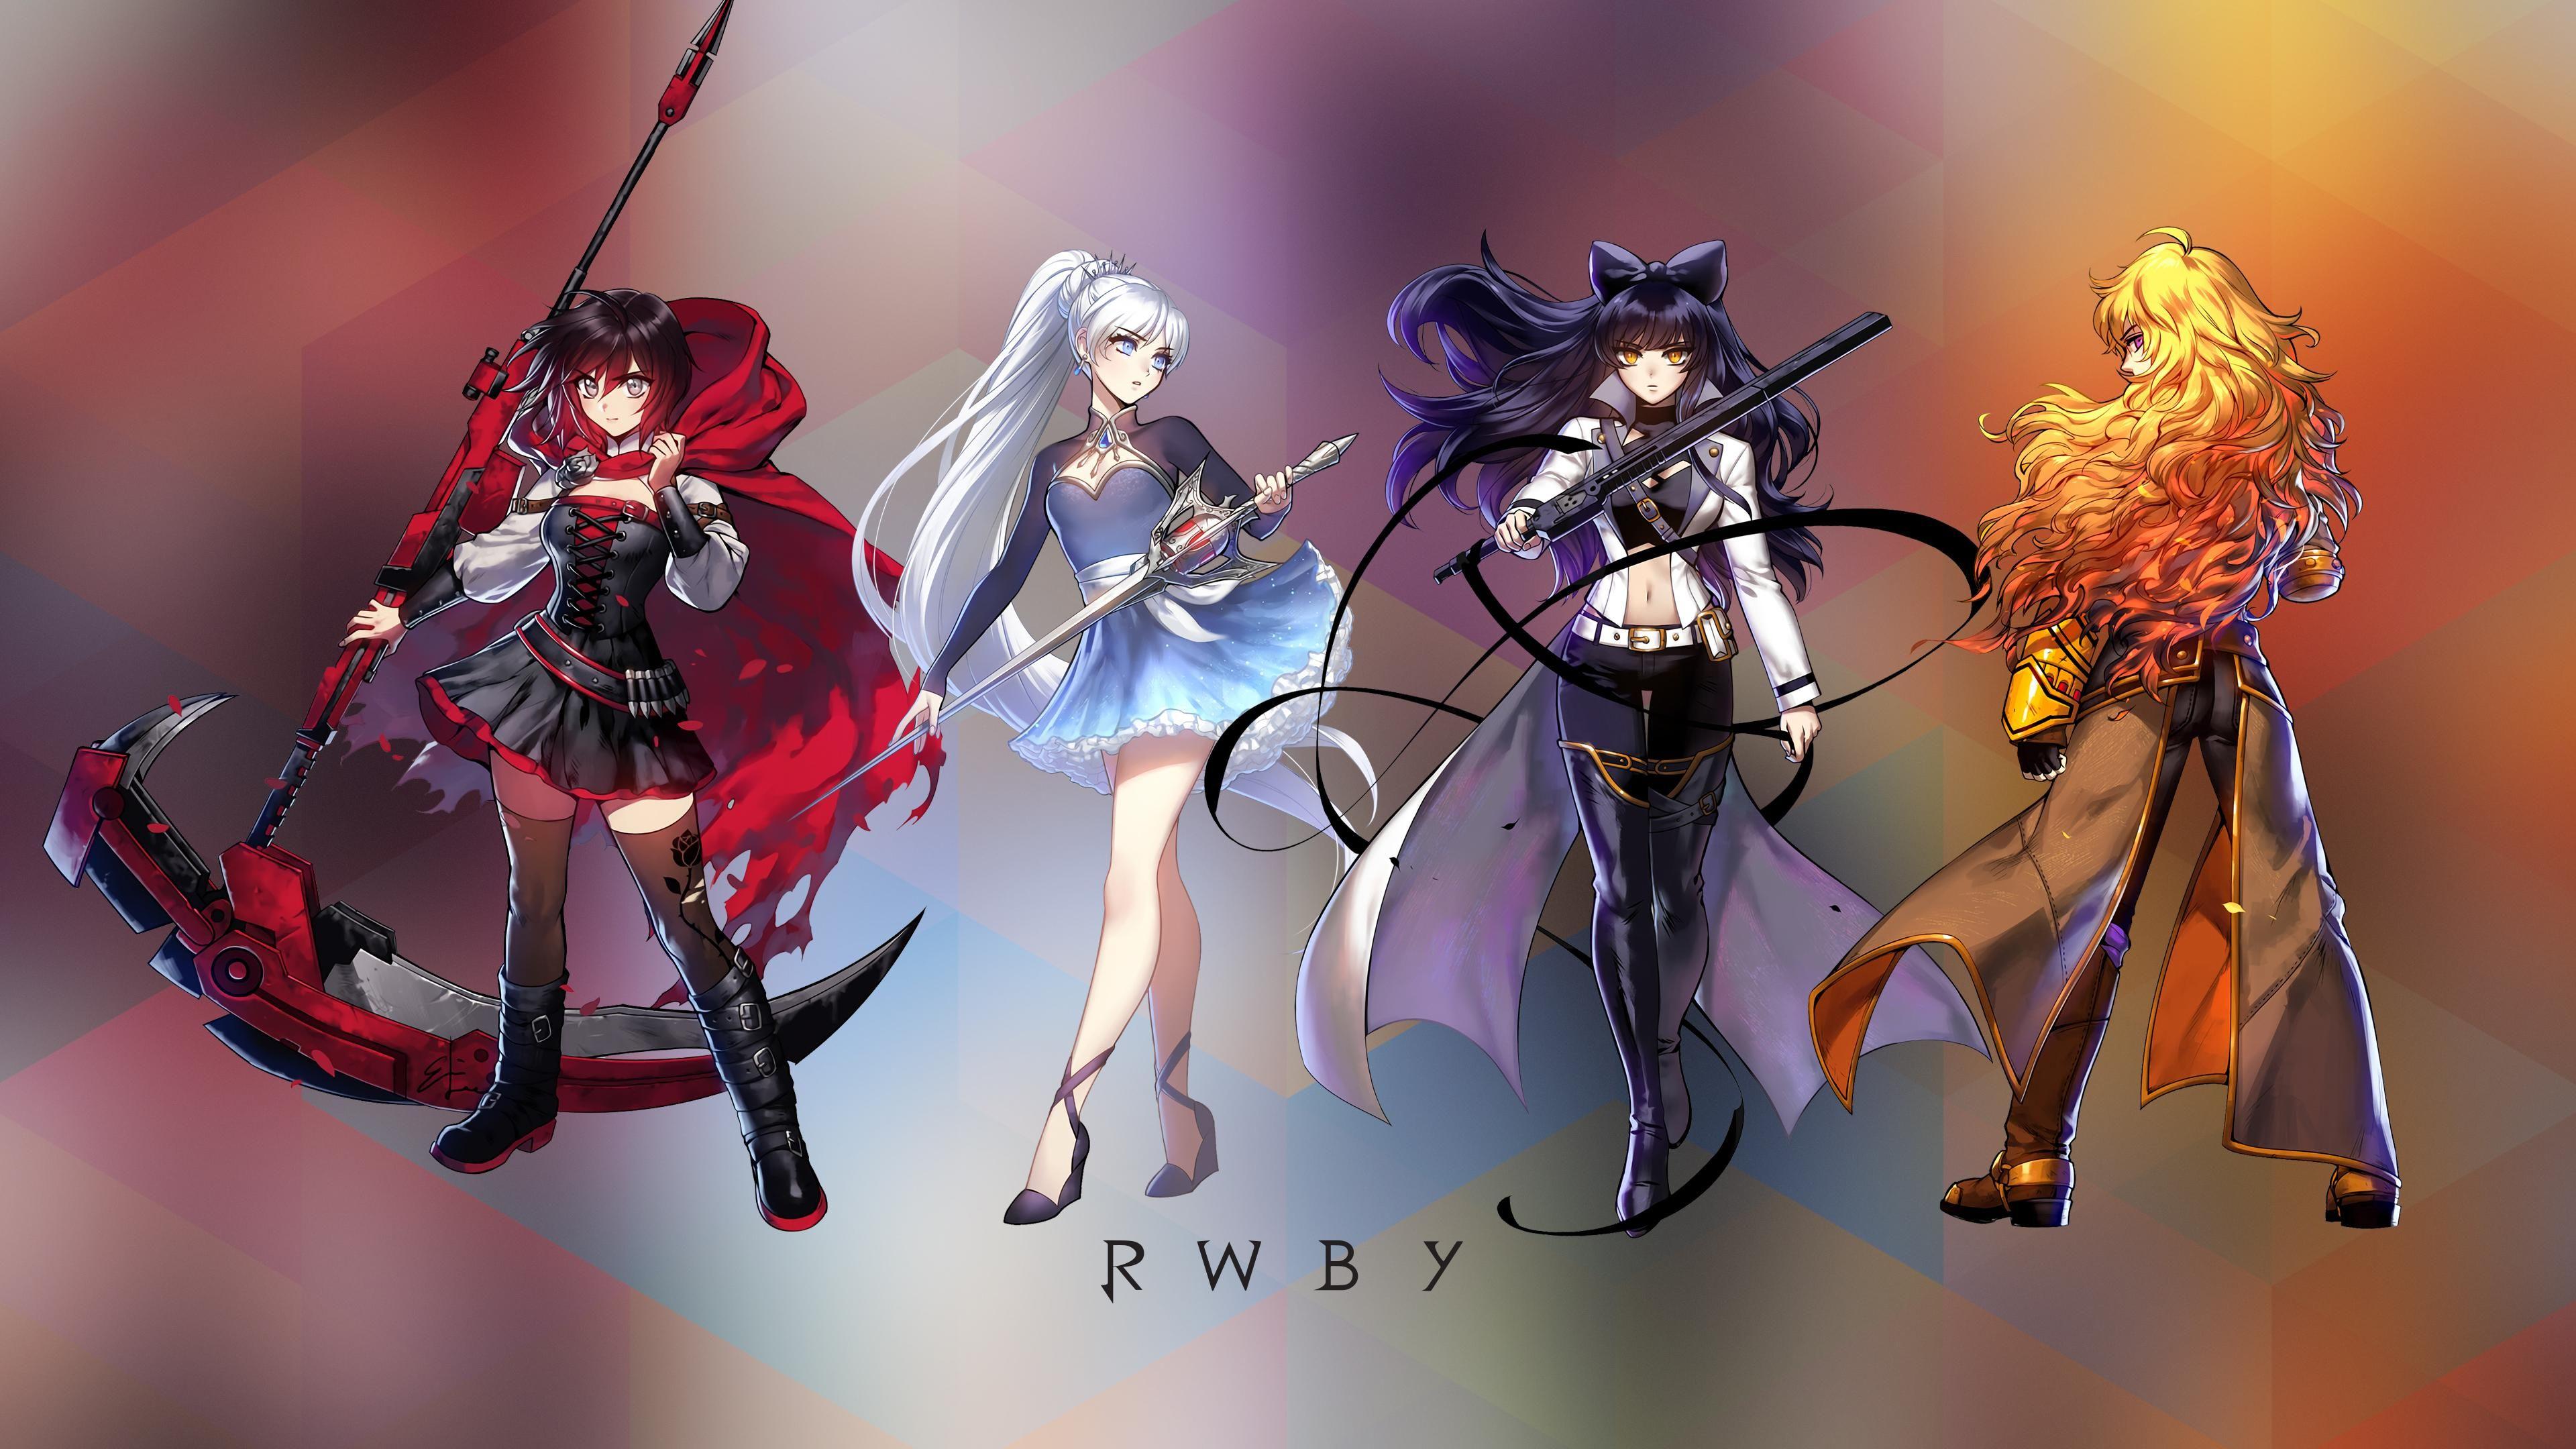 Rwby Team Rwby Rwby Wallpaper Rwby Rwby Yang